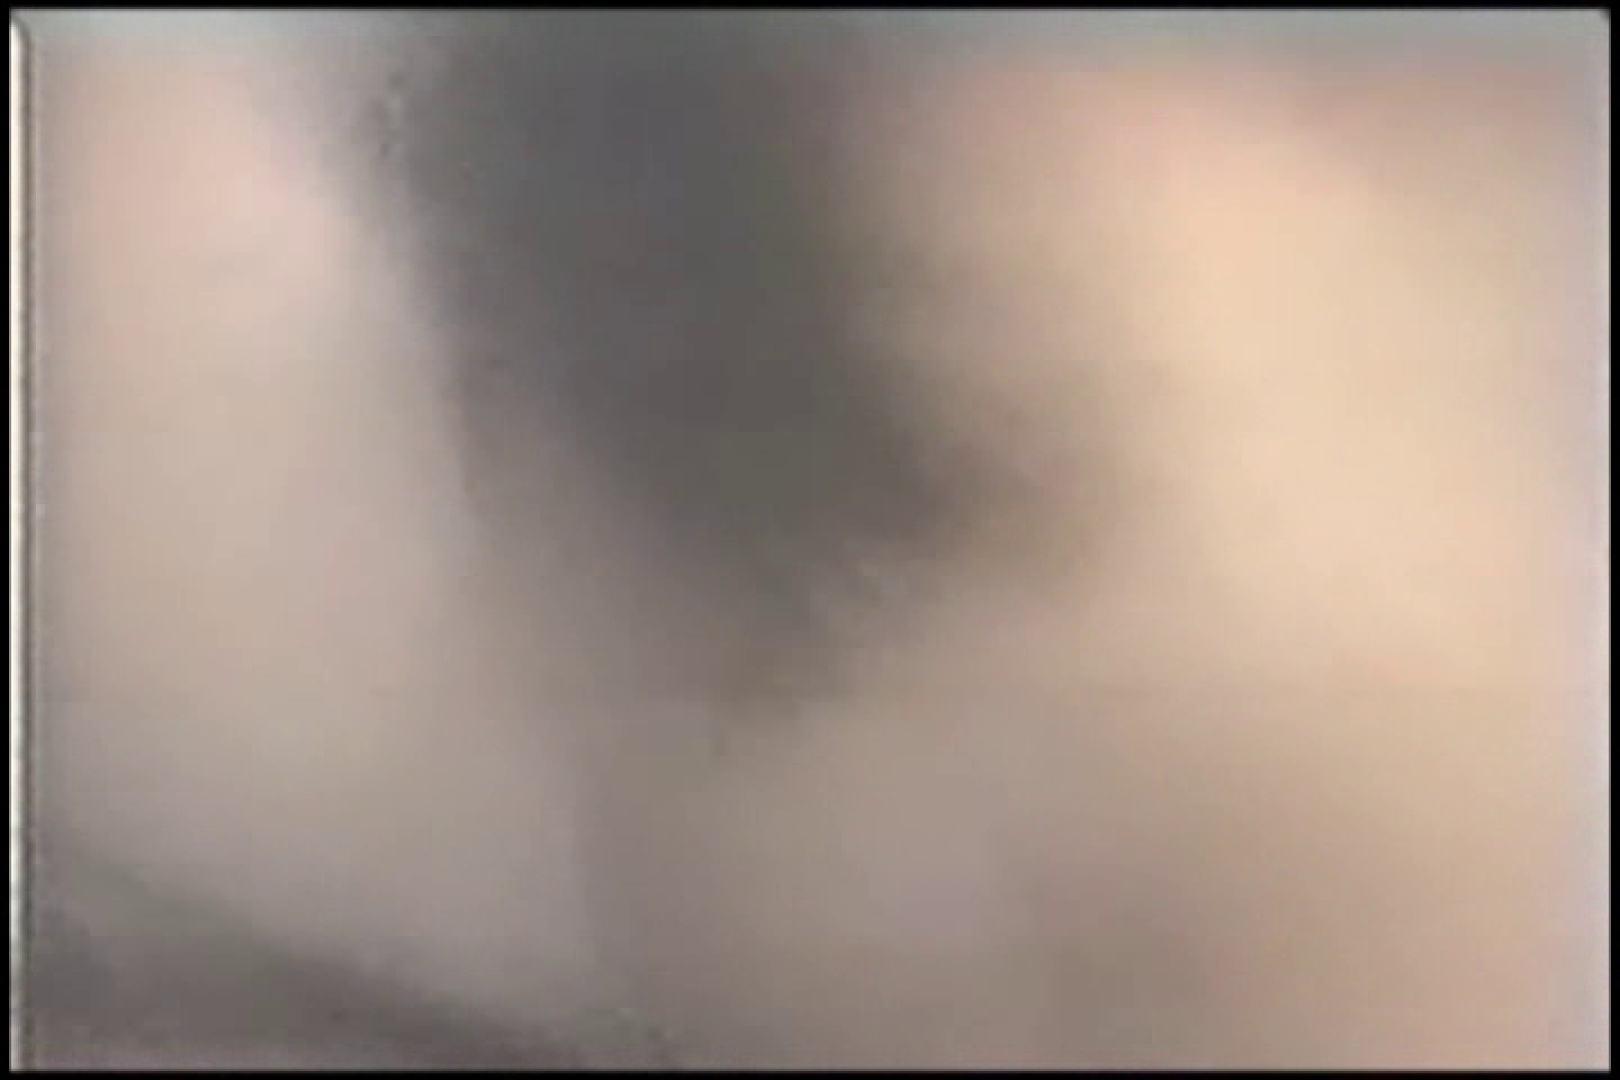 前後不覚に酔っている女を撮影する鬼畜親父 鬼畜 性交動画流出 56pic 5